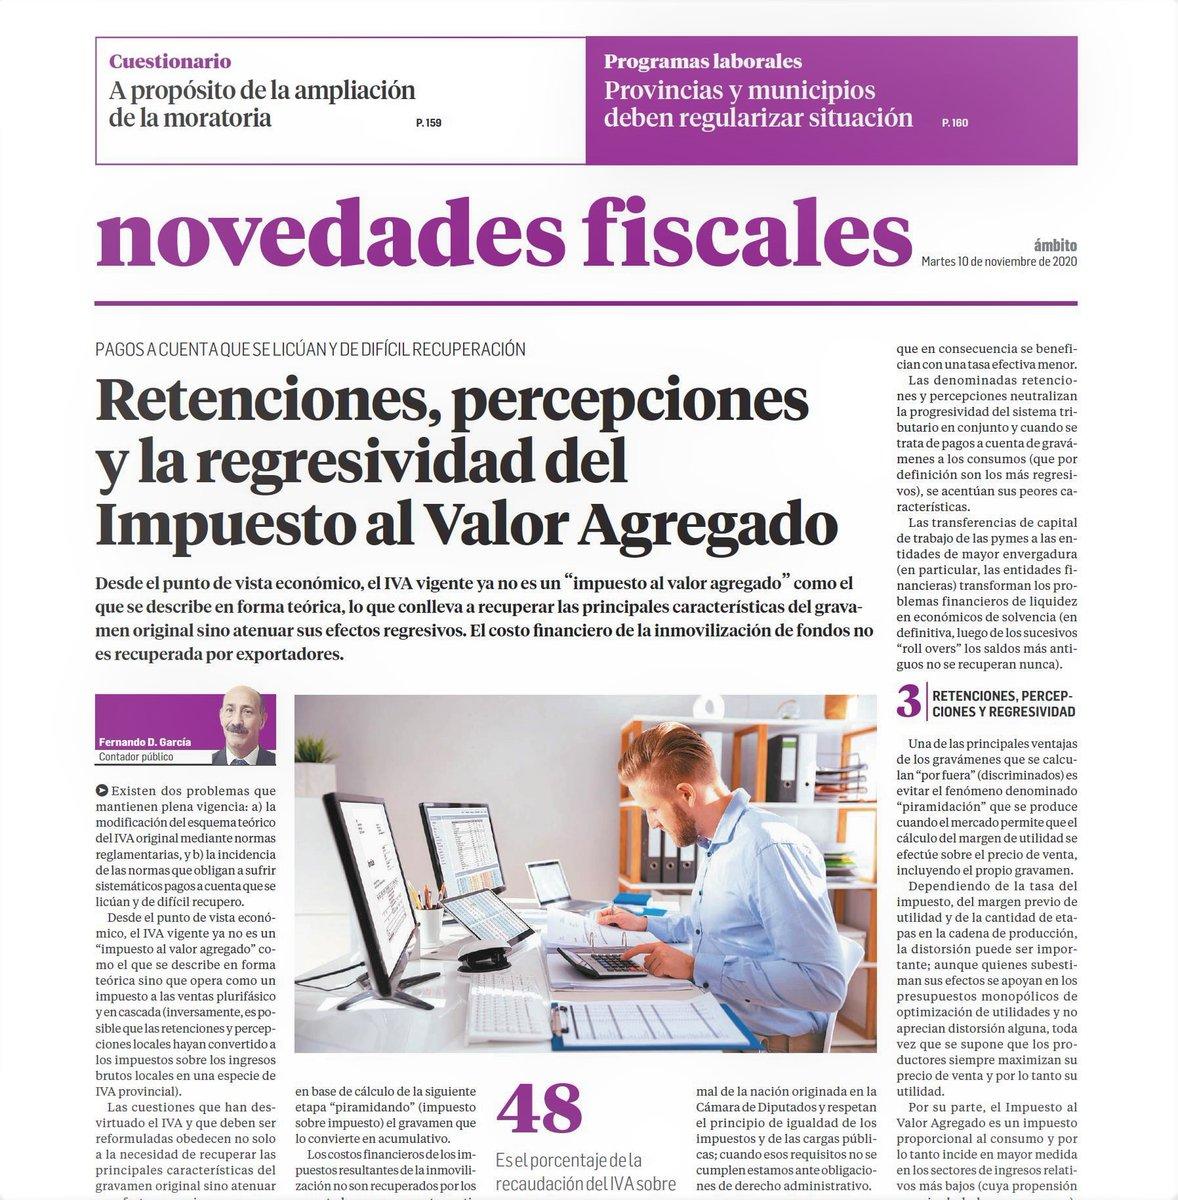 Novedades Fiscales @novedadesfisca1: Nota de tapa del suplemento de hoy a cargo del Dr. Fernando García. https://t.co/C2wua06Jn5